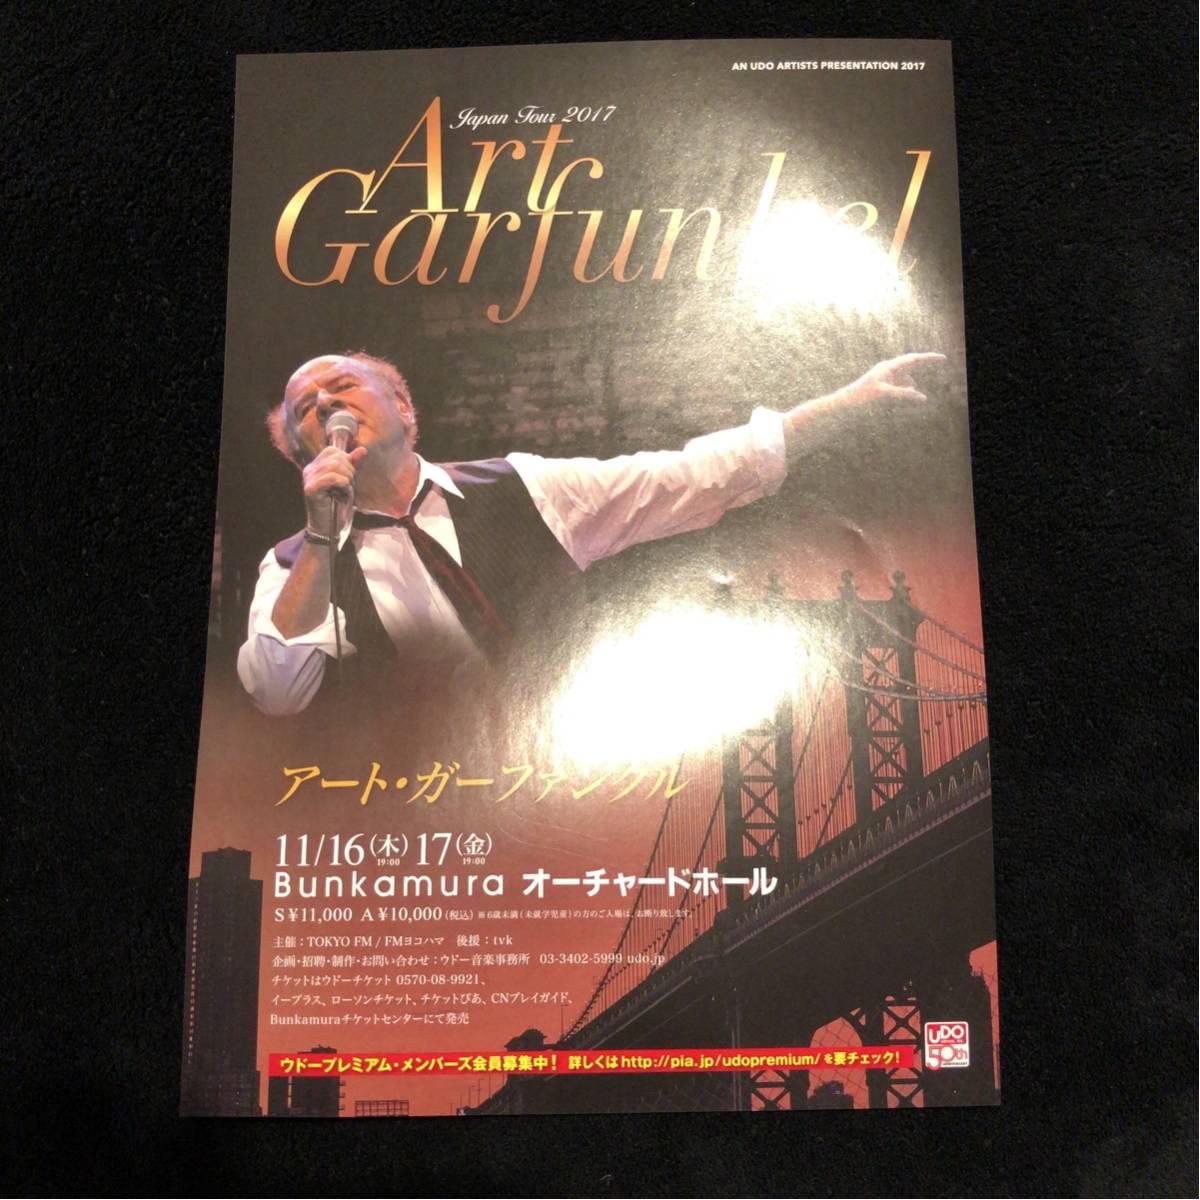 コンサートチラシ★Art Garfunkel / アート・ガーファンクル